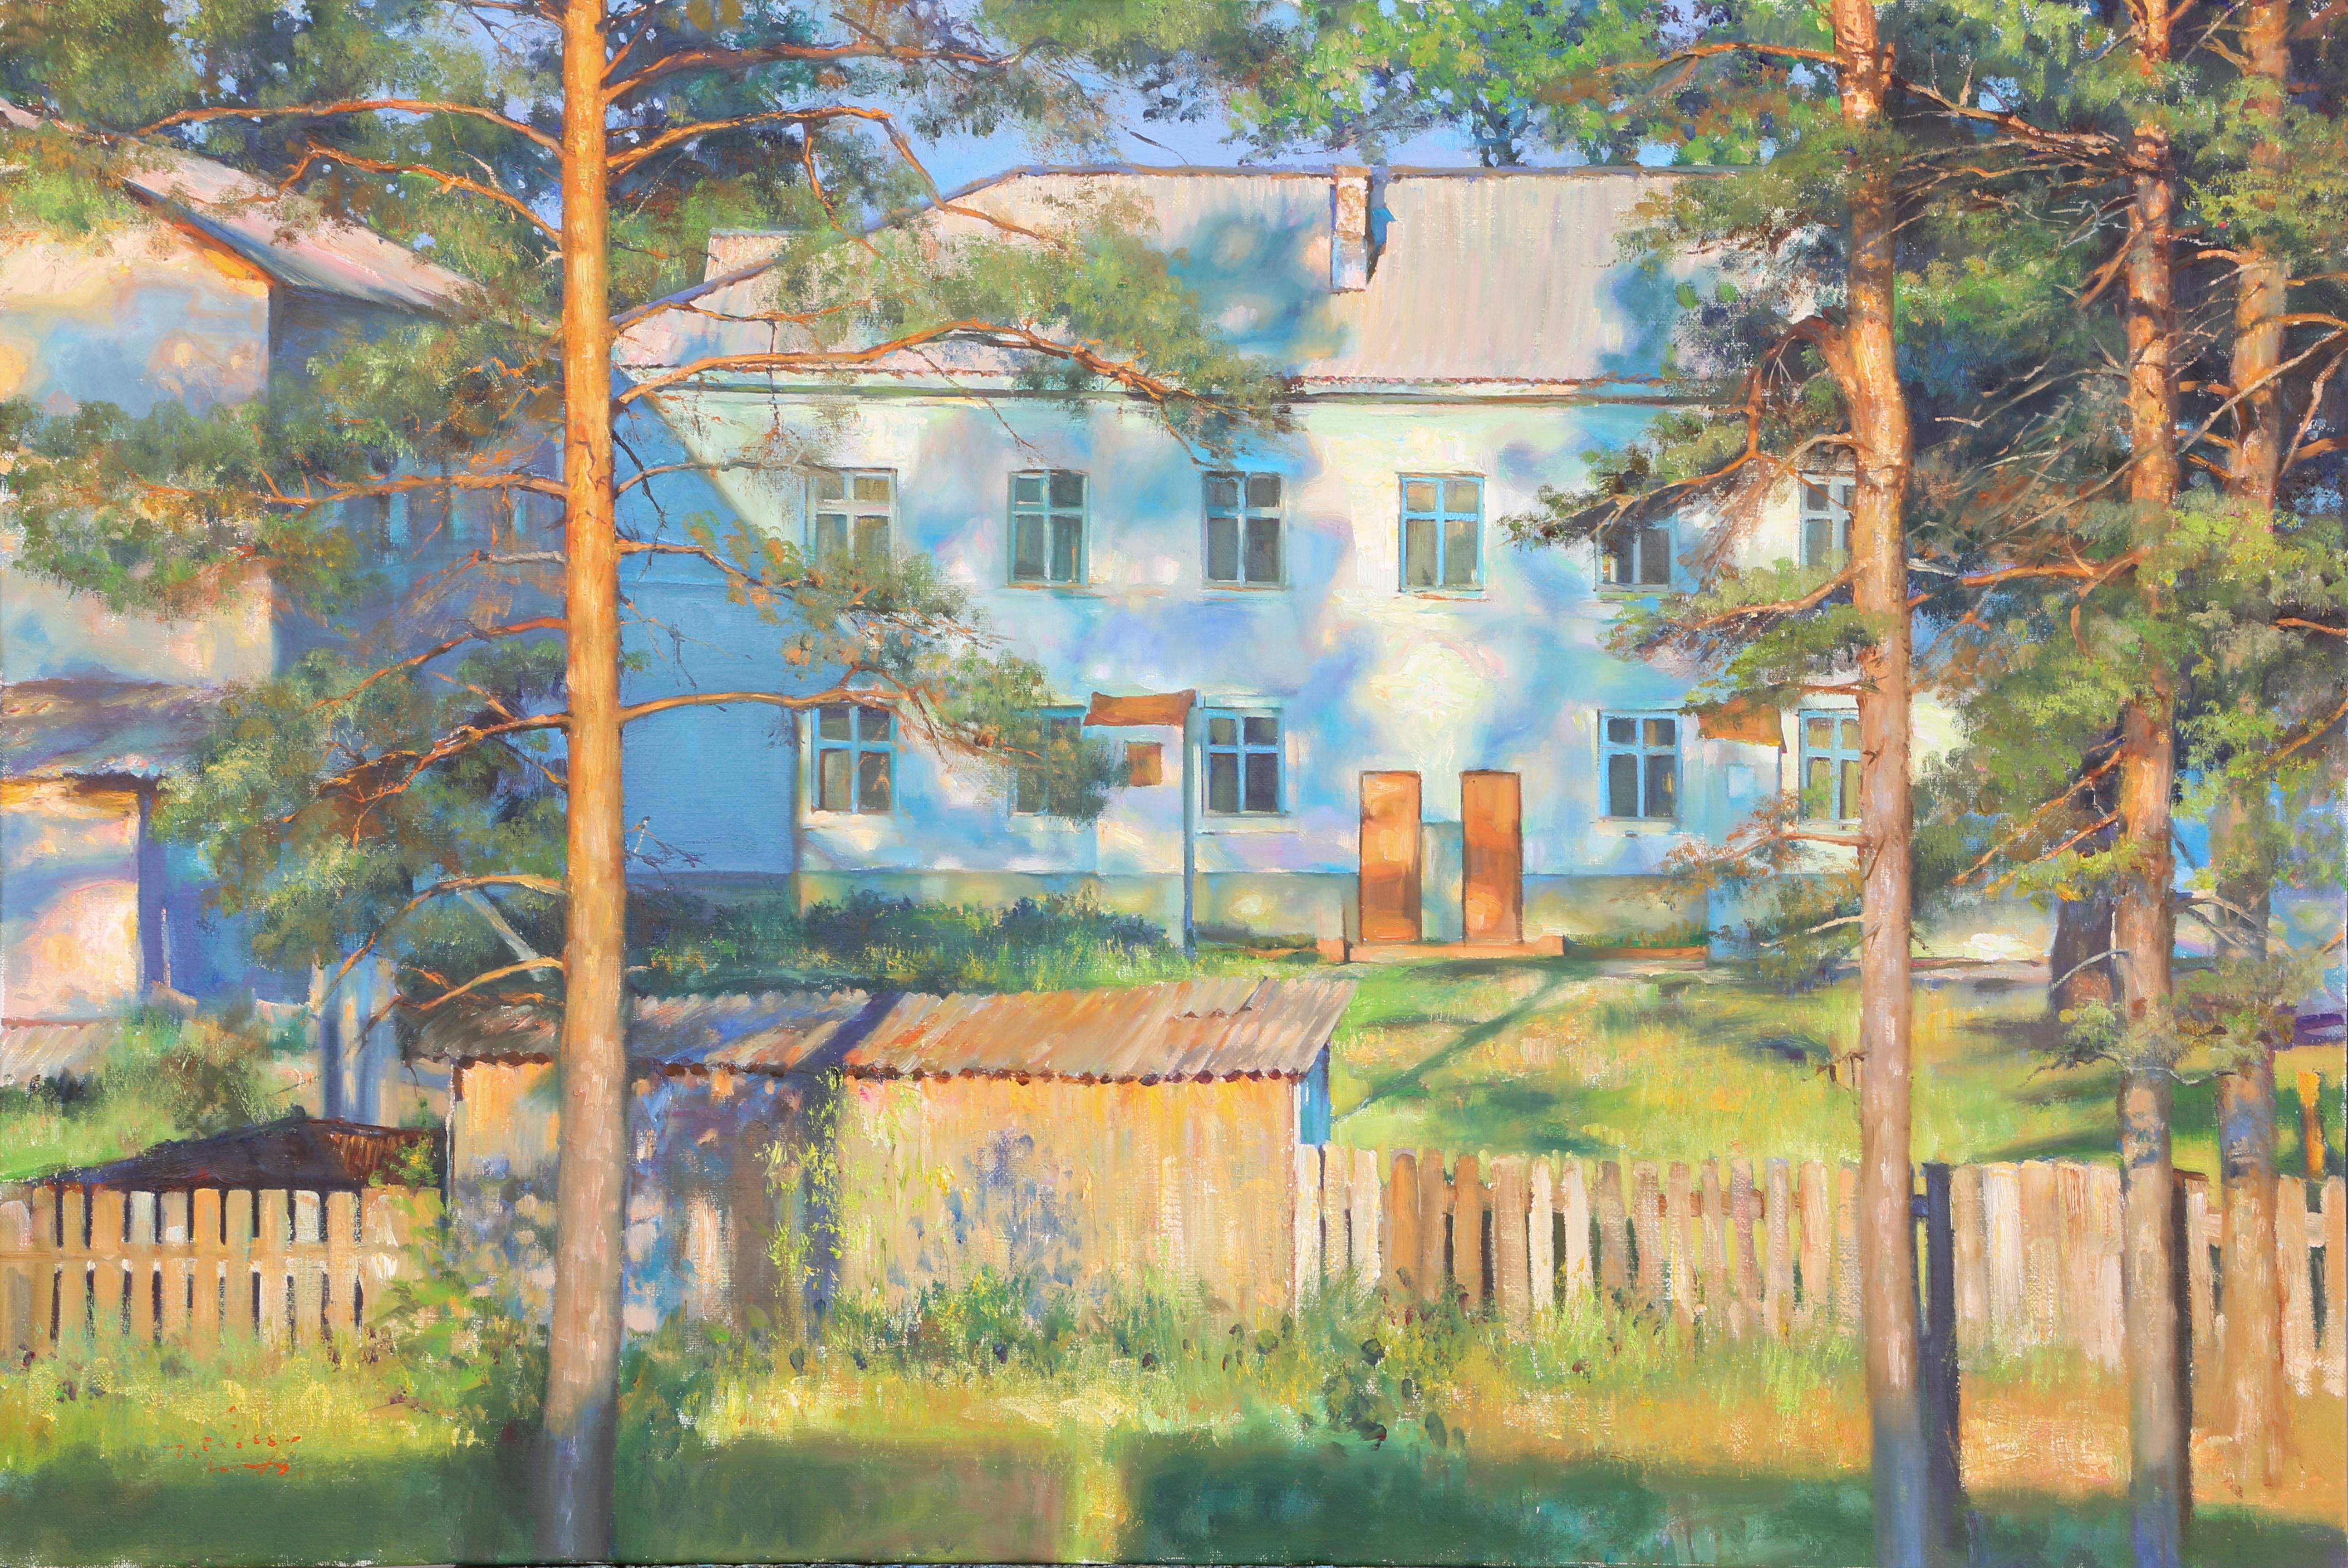 빛그림자 90.9x60.6 Oil on canvas 2016